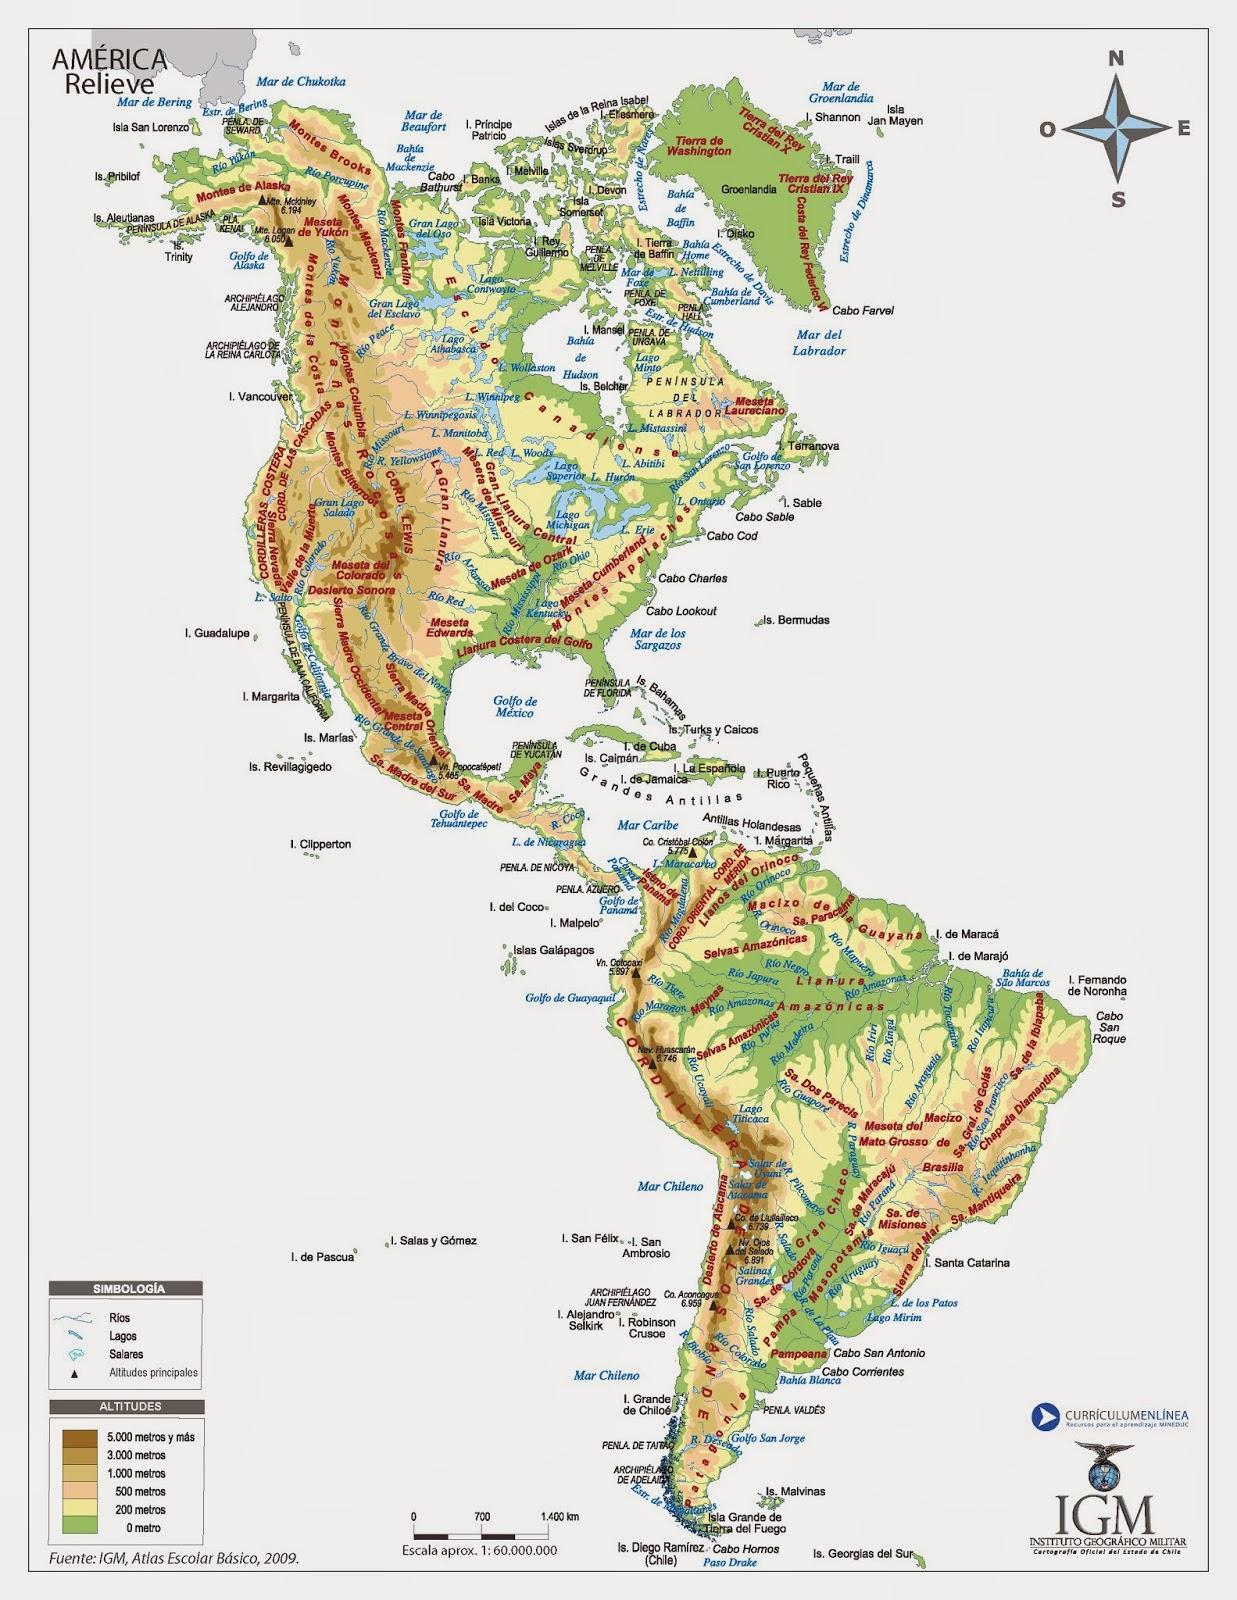 Asl Diversificación Accidentes Geográficos Que Debemos Conocer Del Continente Americano